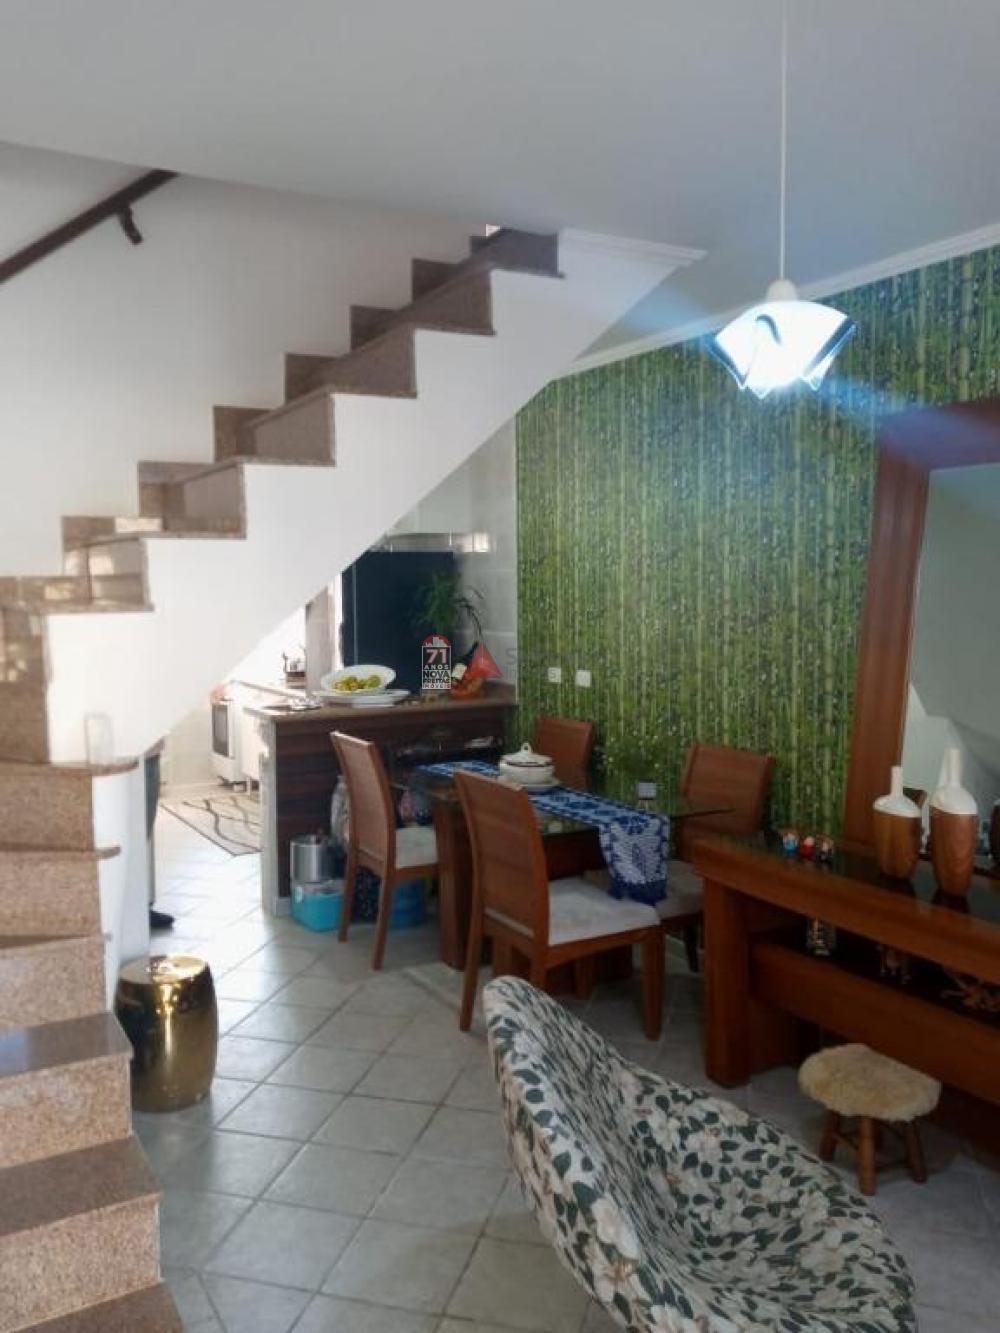 Comprar Casa / Sobrado em Caraguatatuba apenas R$ 350.000,00 - Foto 4